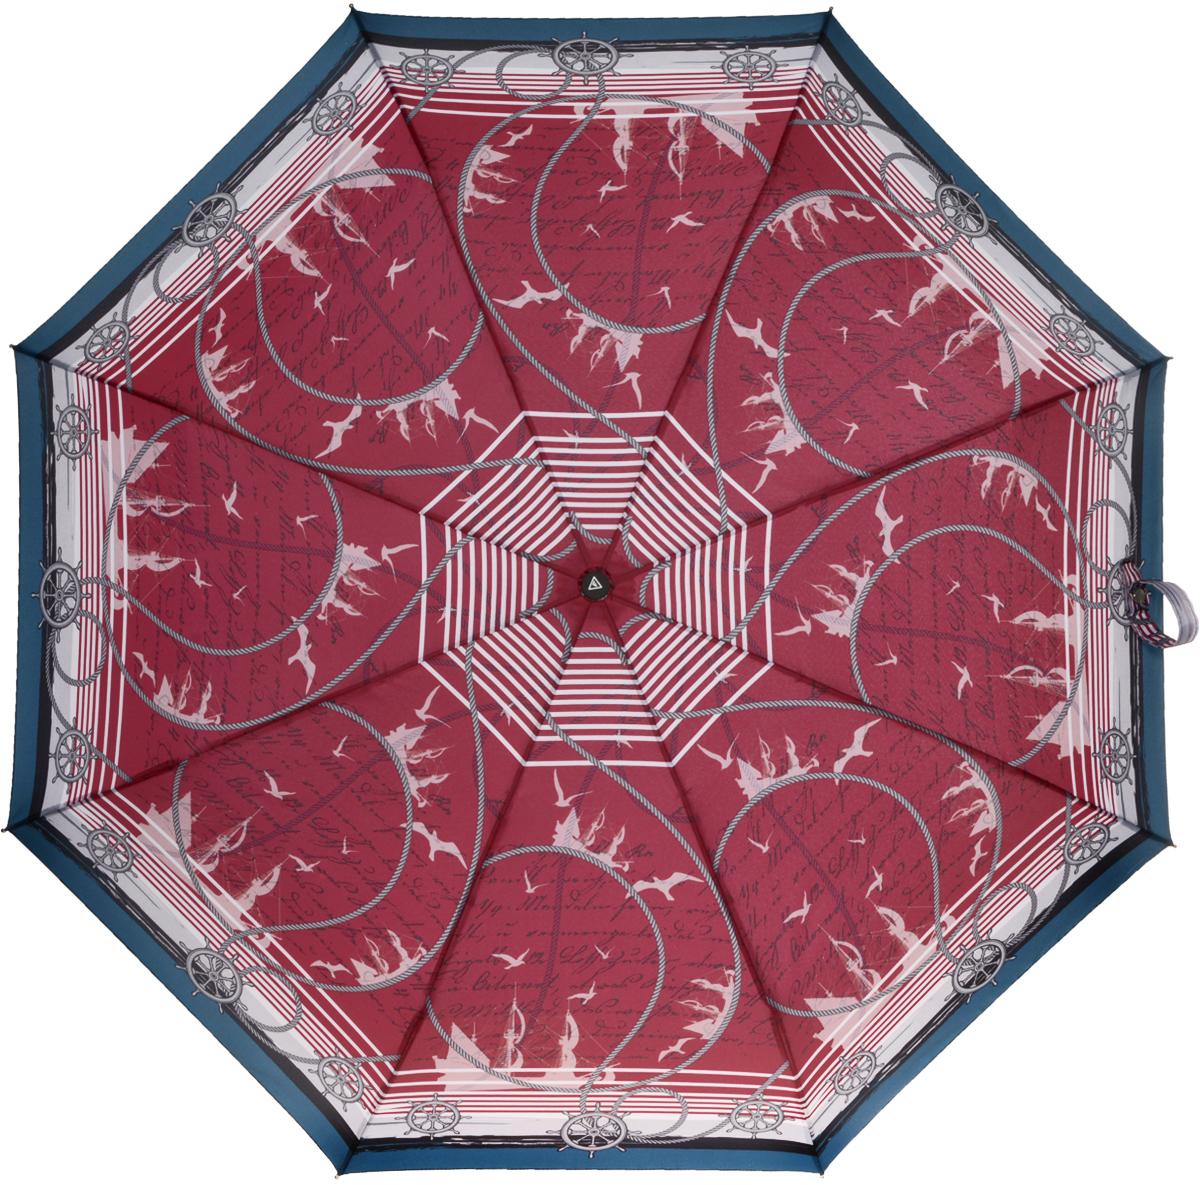 Зонт женский Fabretti, автомат, 3 сложения, цвет: бордовый. L-16102-5L-16102-5Зонт женский Fabretti, облегченный суперавтомат, 3 сложения.Женский зонт– это не просто защита от дождя, но и красивый, стильный аксессуар, который будет выгодно подчеркивать женственность и утонченность обладательницы